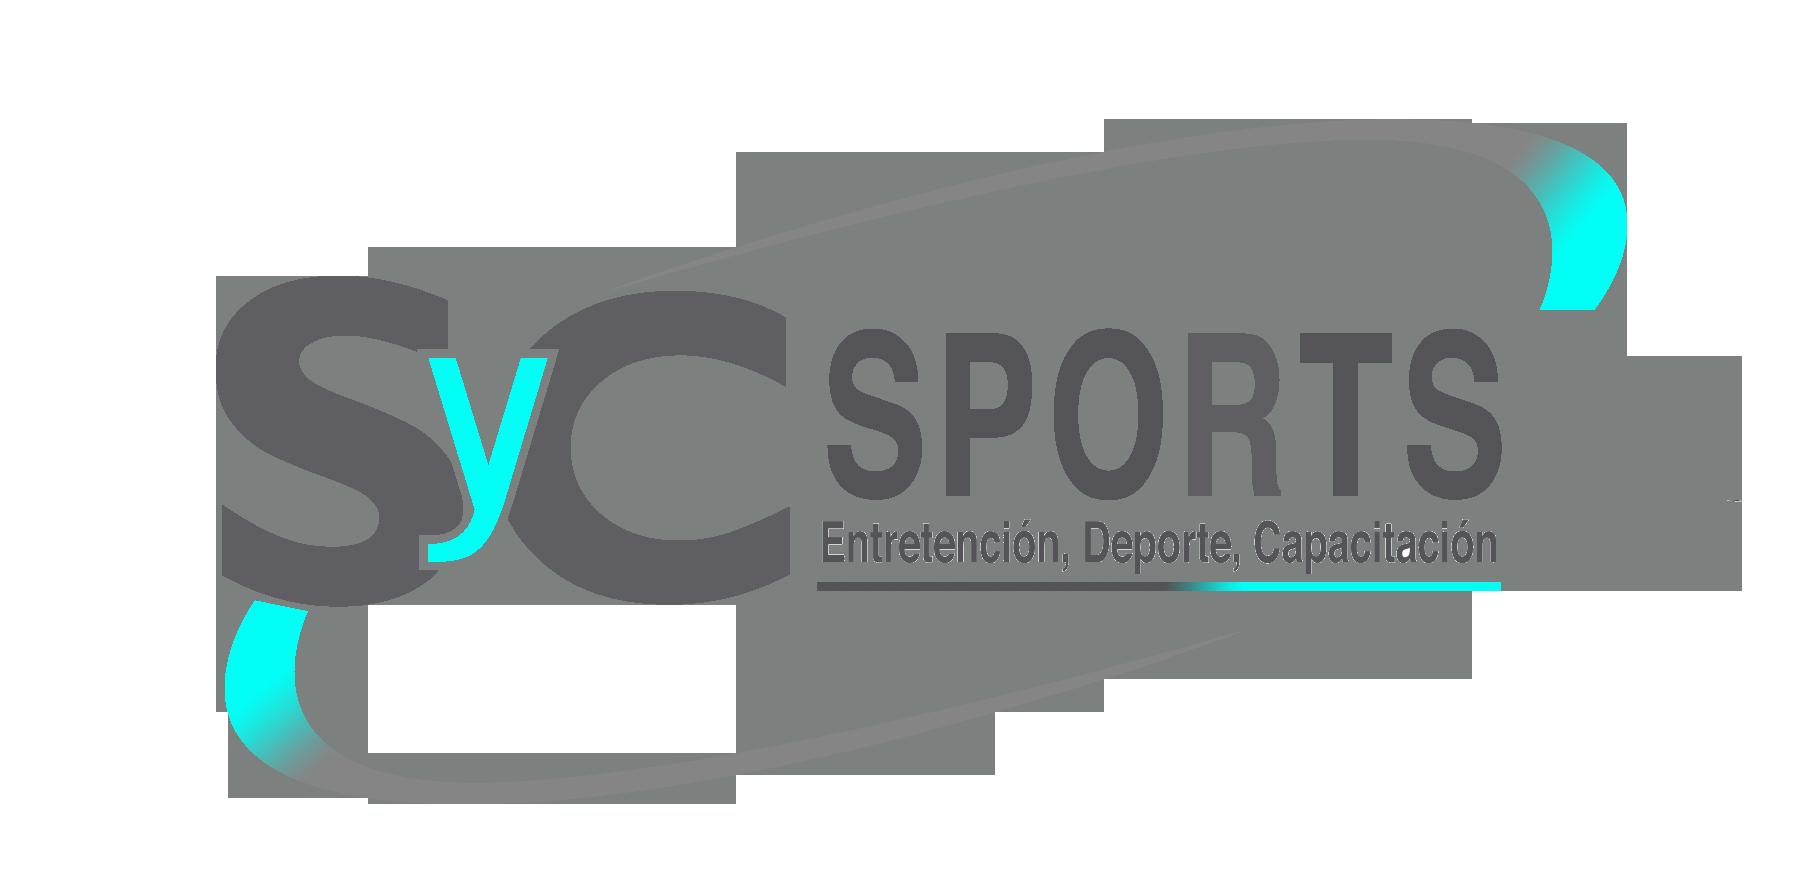 SyC-Sports-alternativa